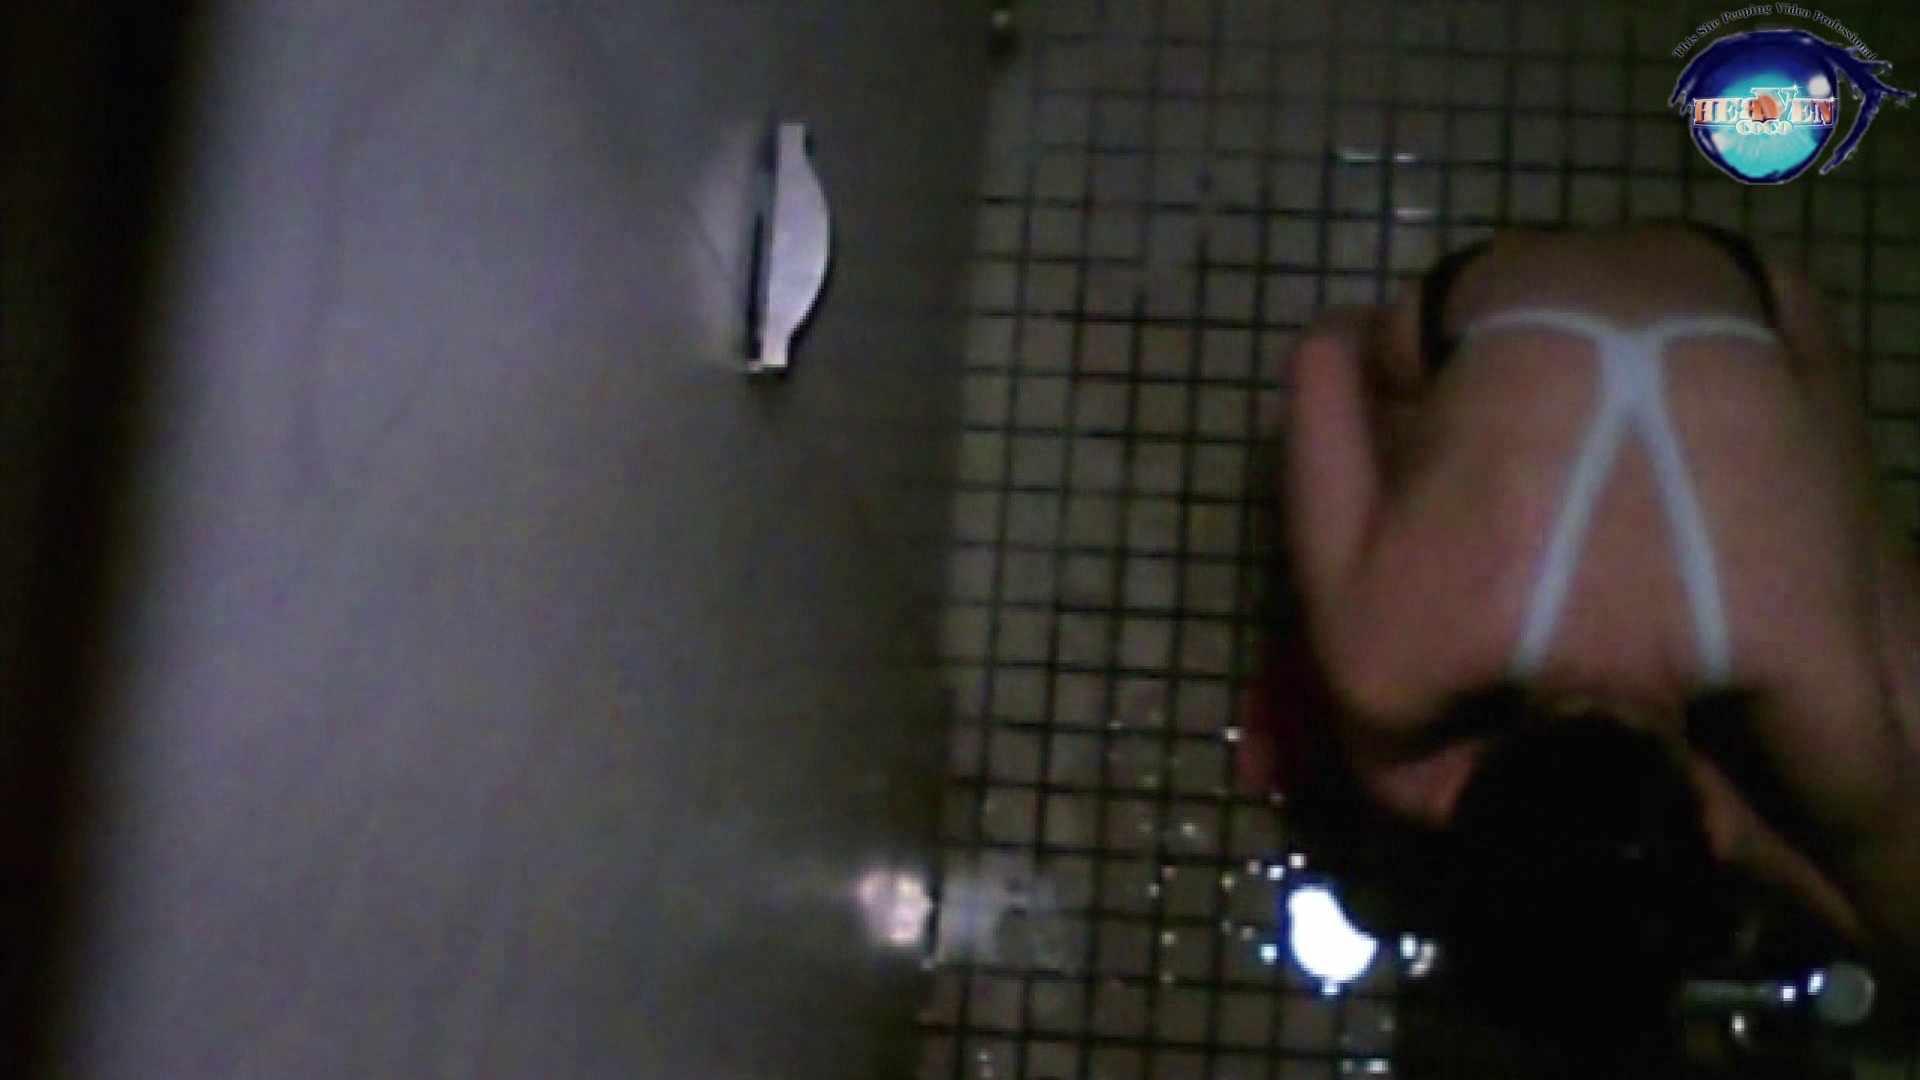 水泳大会選手の聖水 vol.19 トイレの中の女の子 オメコ無修正動画無料 18連発 10